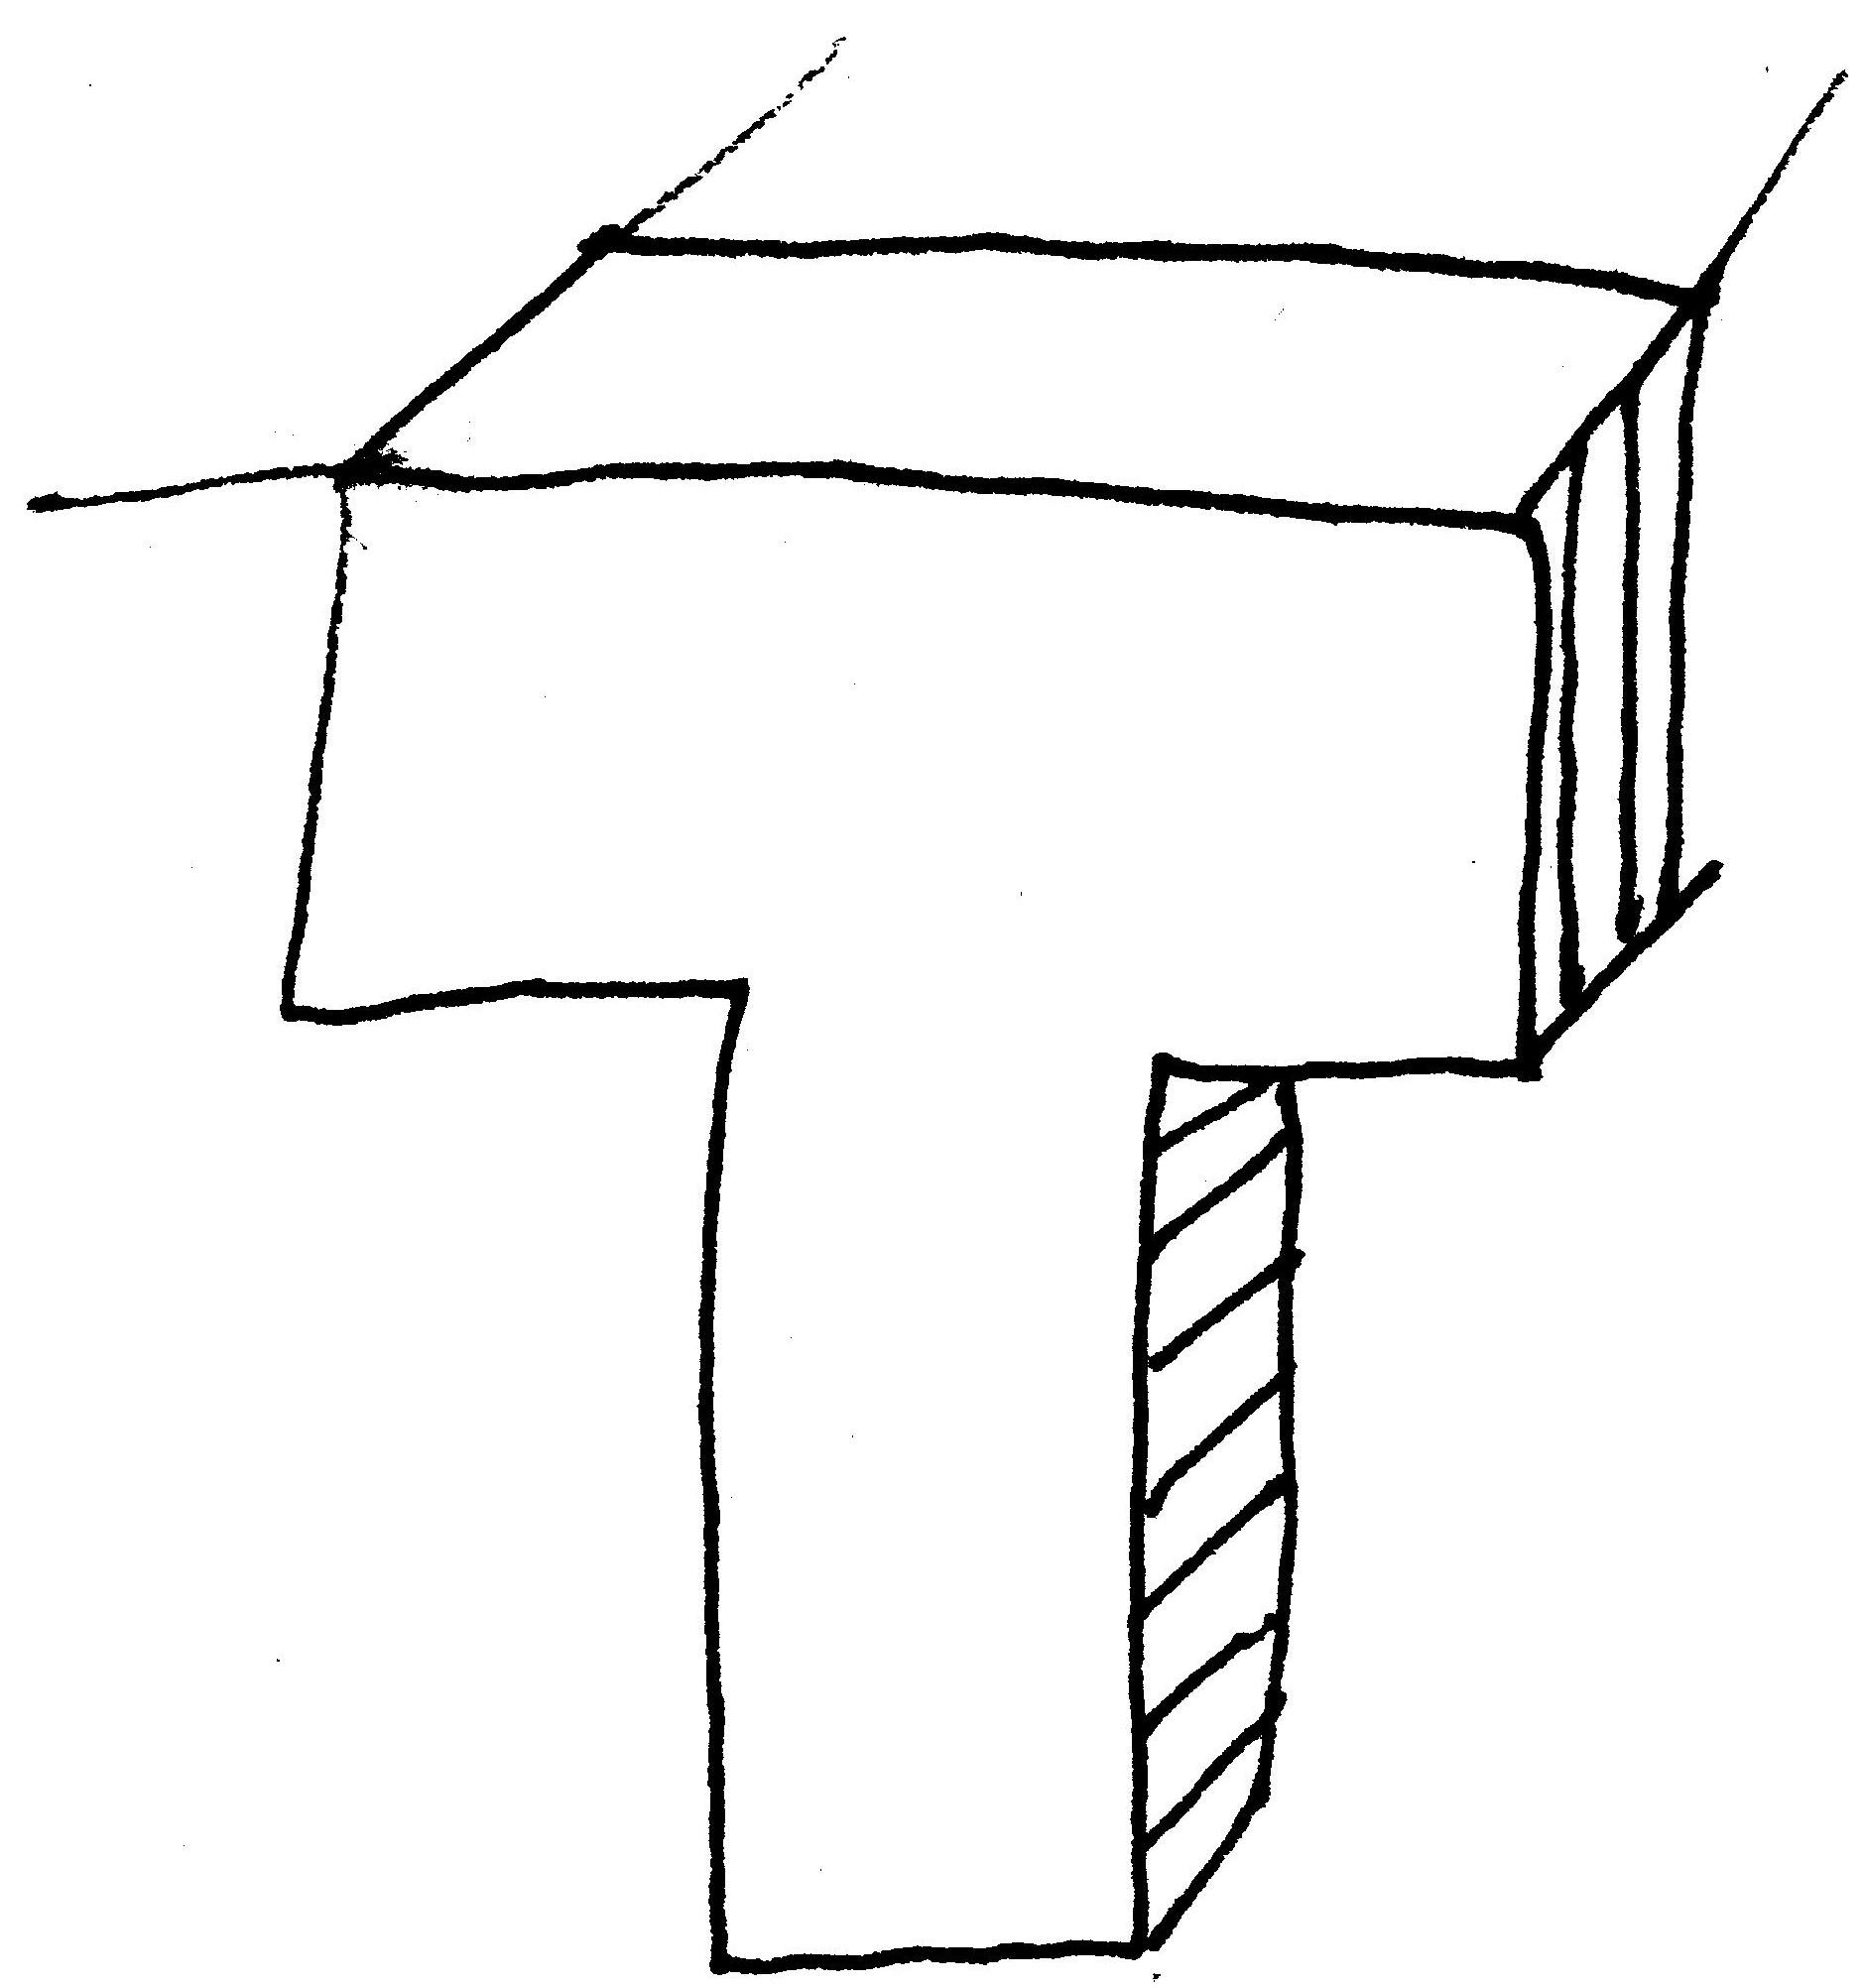 Tisky